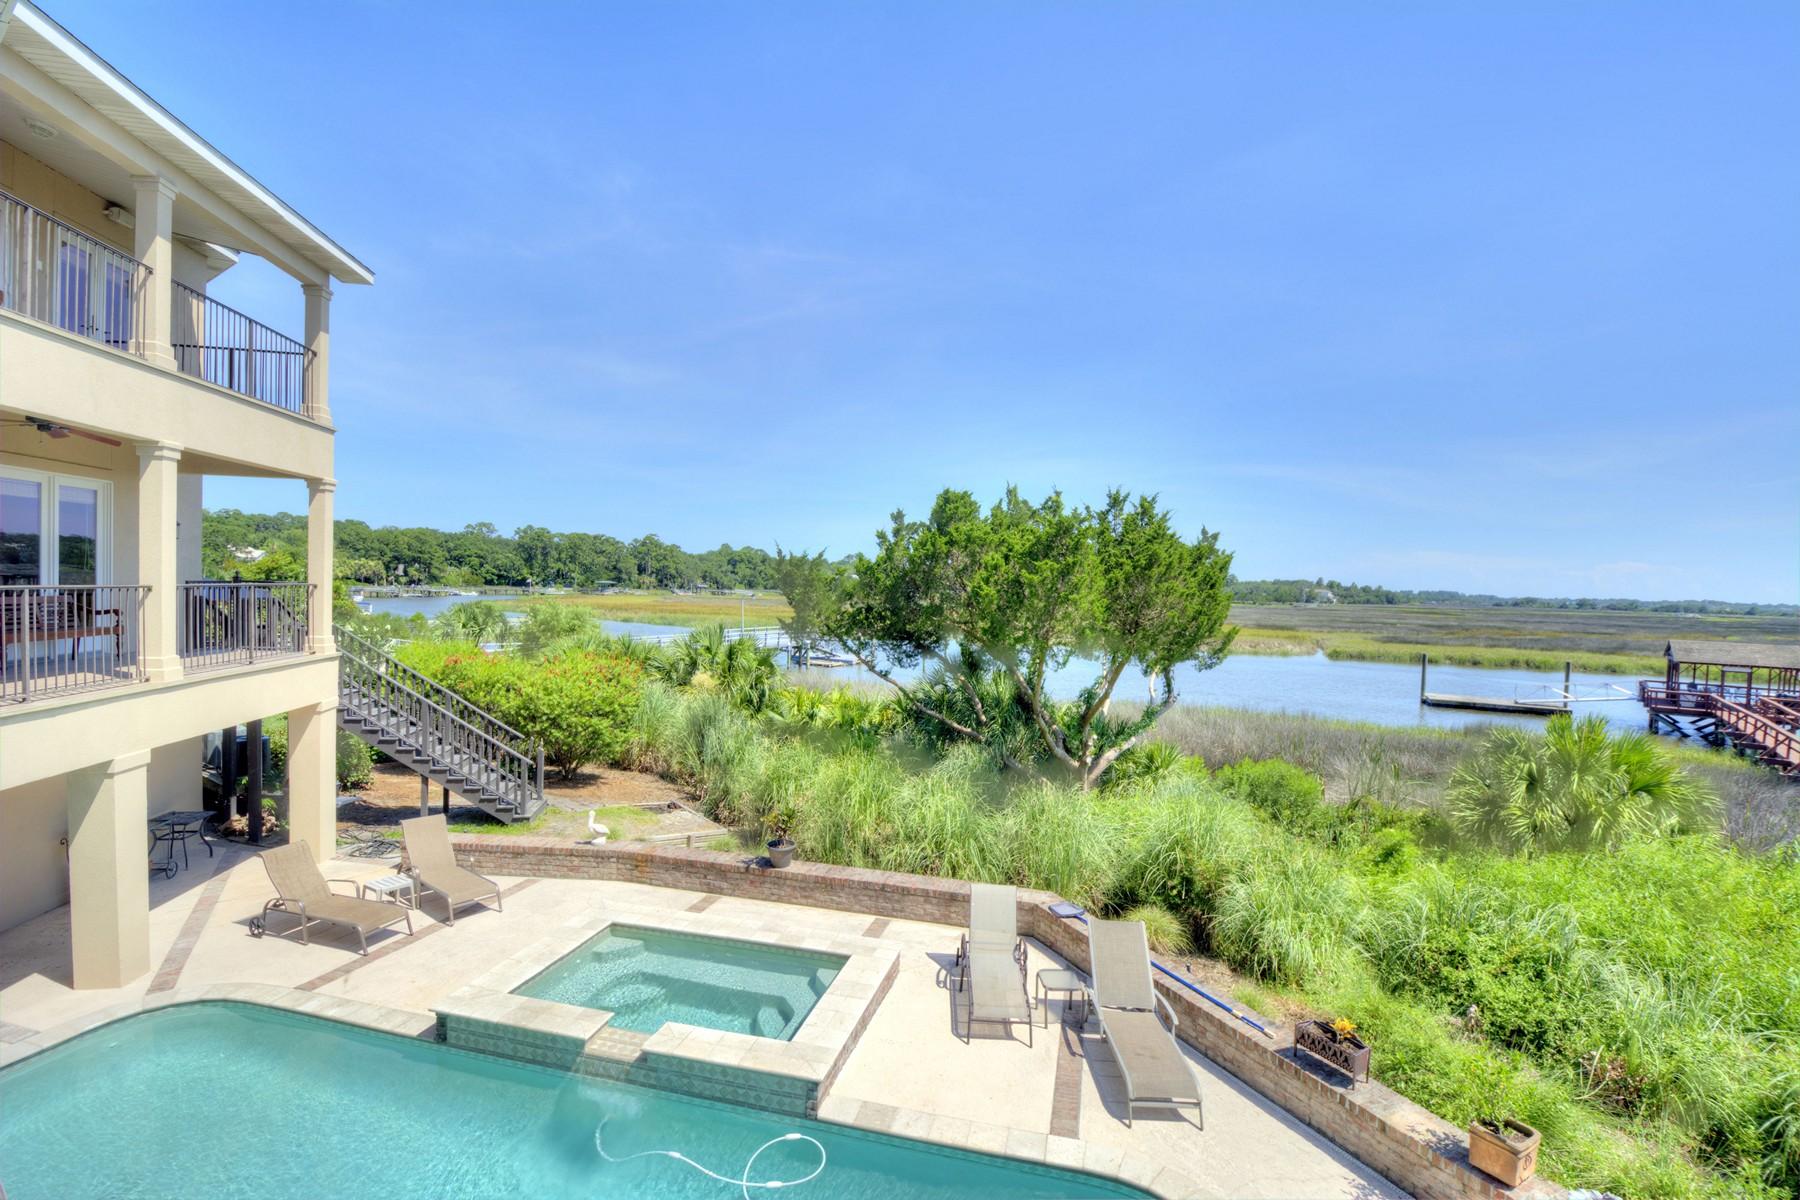 Частный односемейный дом для того Продажа на 11 Dunbar Creek Pt 11 Dunbar Creek Point St. Simons Island, Джорджия 31522 Соединенные Штаты